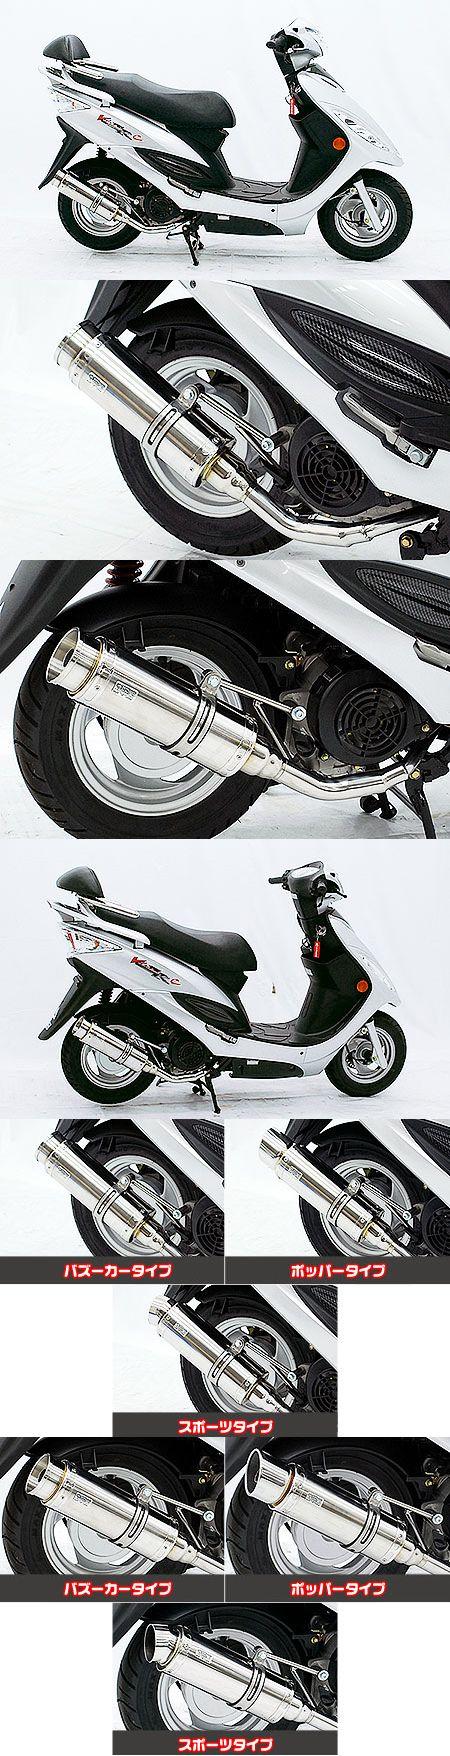 【WirusWin】Tiger auto聯名款 Royal全段排氣管 火箭筒型 - 「Webike-摩托百貨」